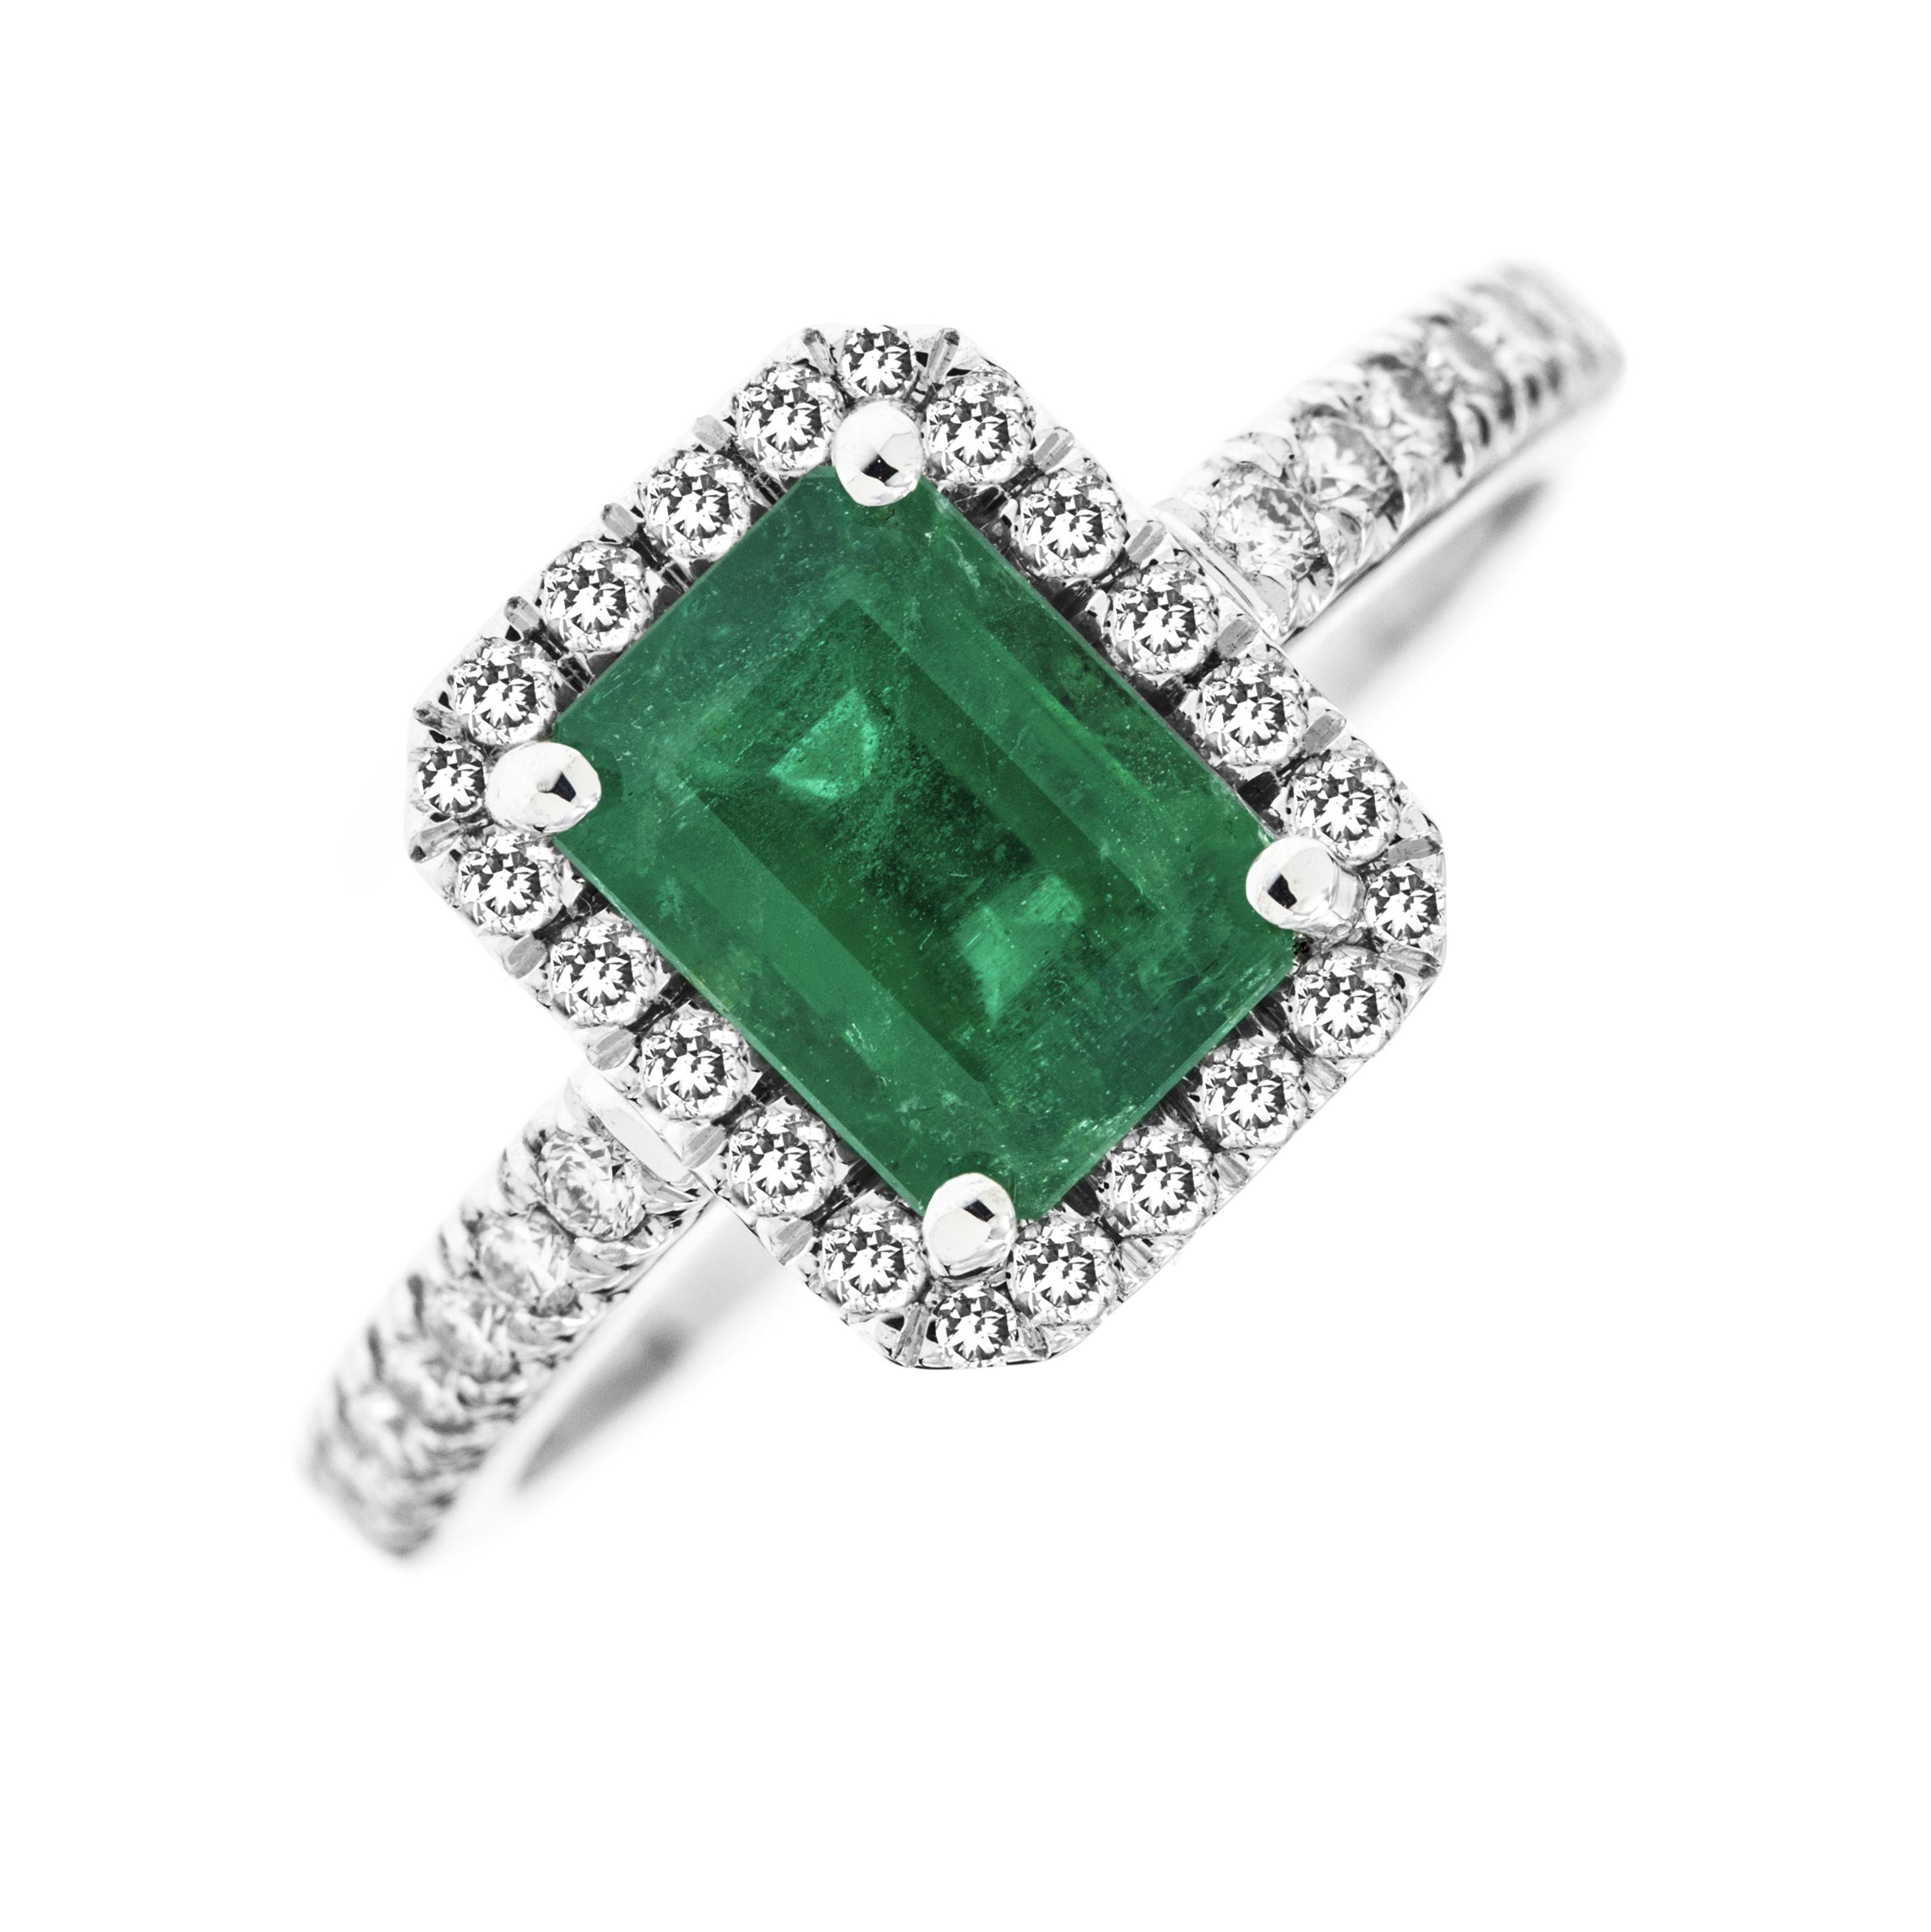 Inel cu Smarald si Diamant Dama Aur Alb 18kt cu un Smarald Taietura Smarald si Diamante Rotund Briliant Toate in Setare Gheare-img1